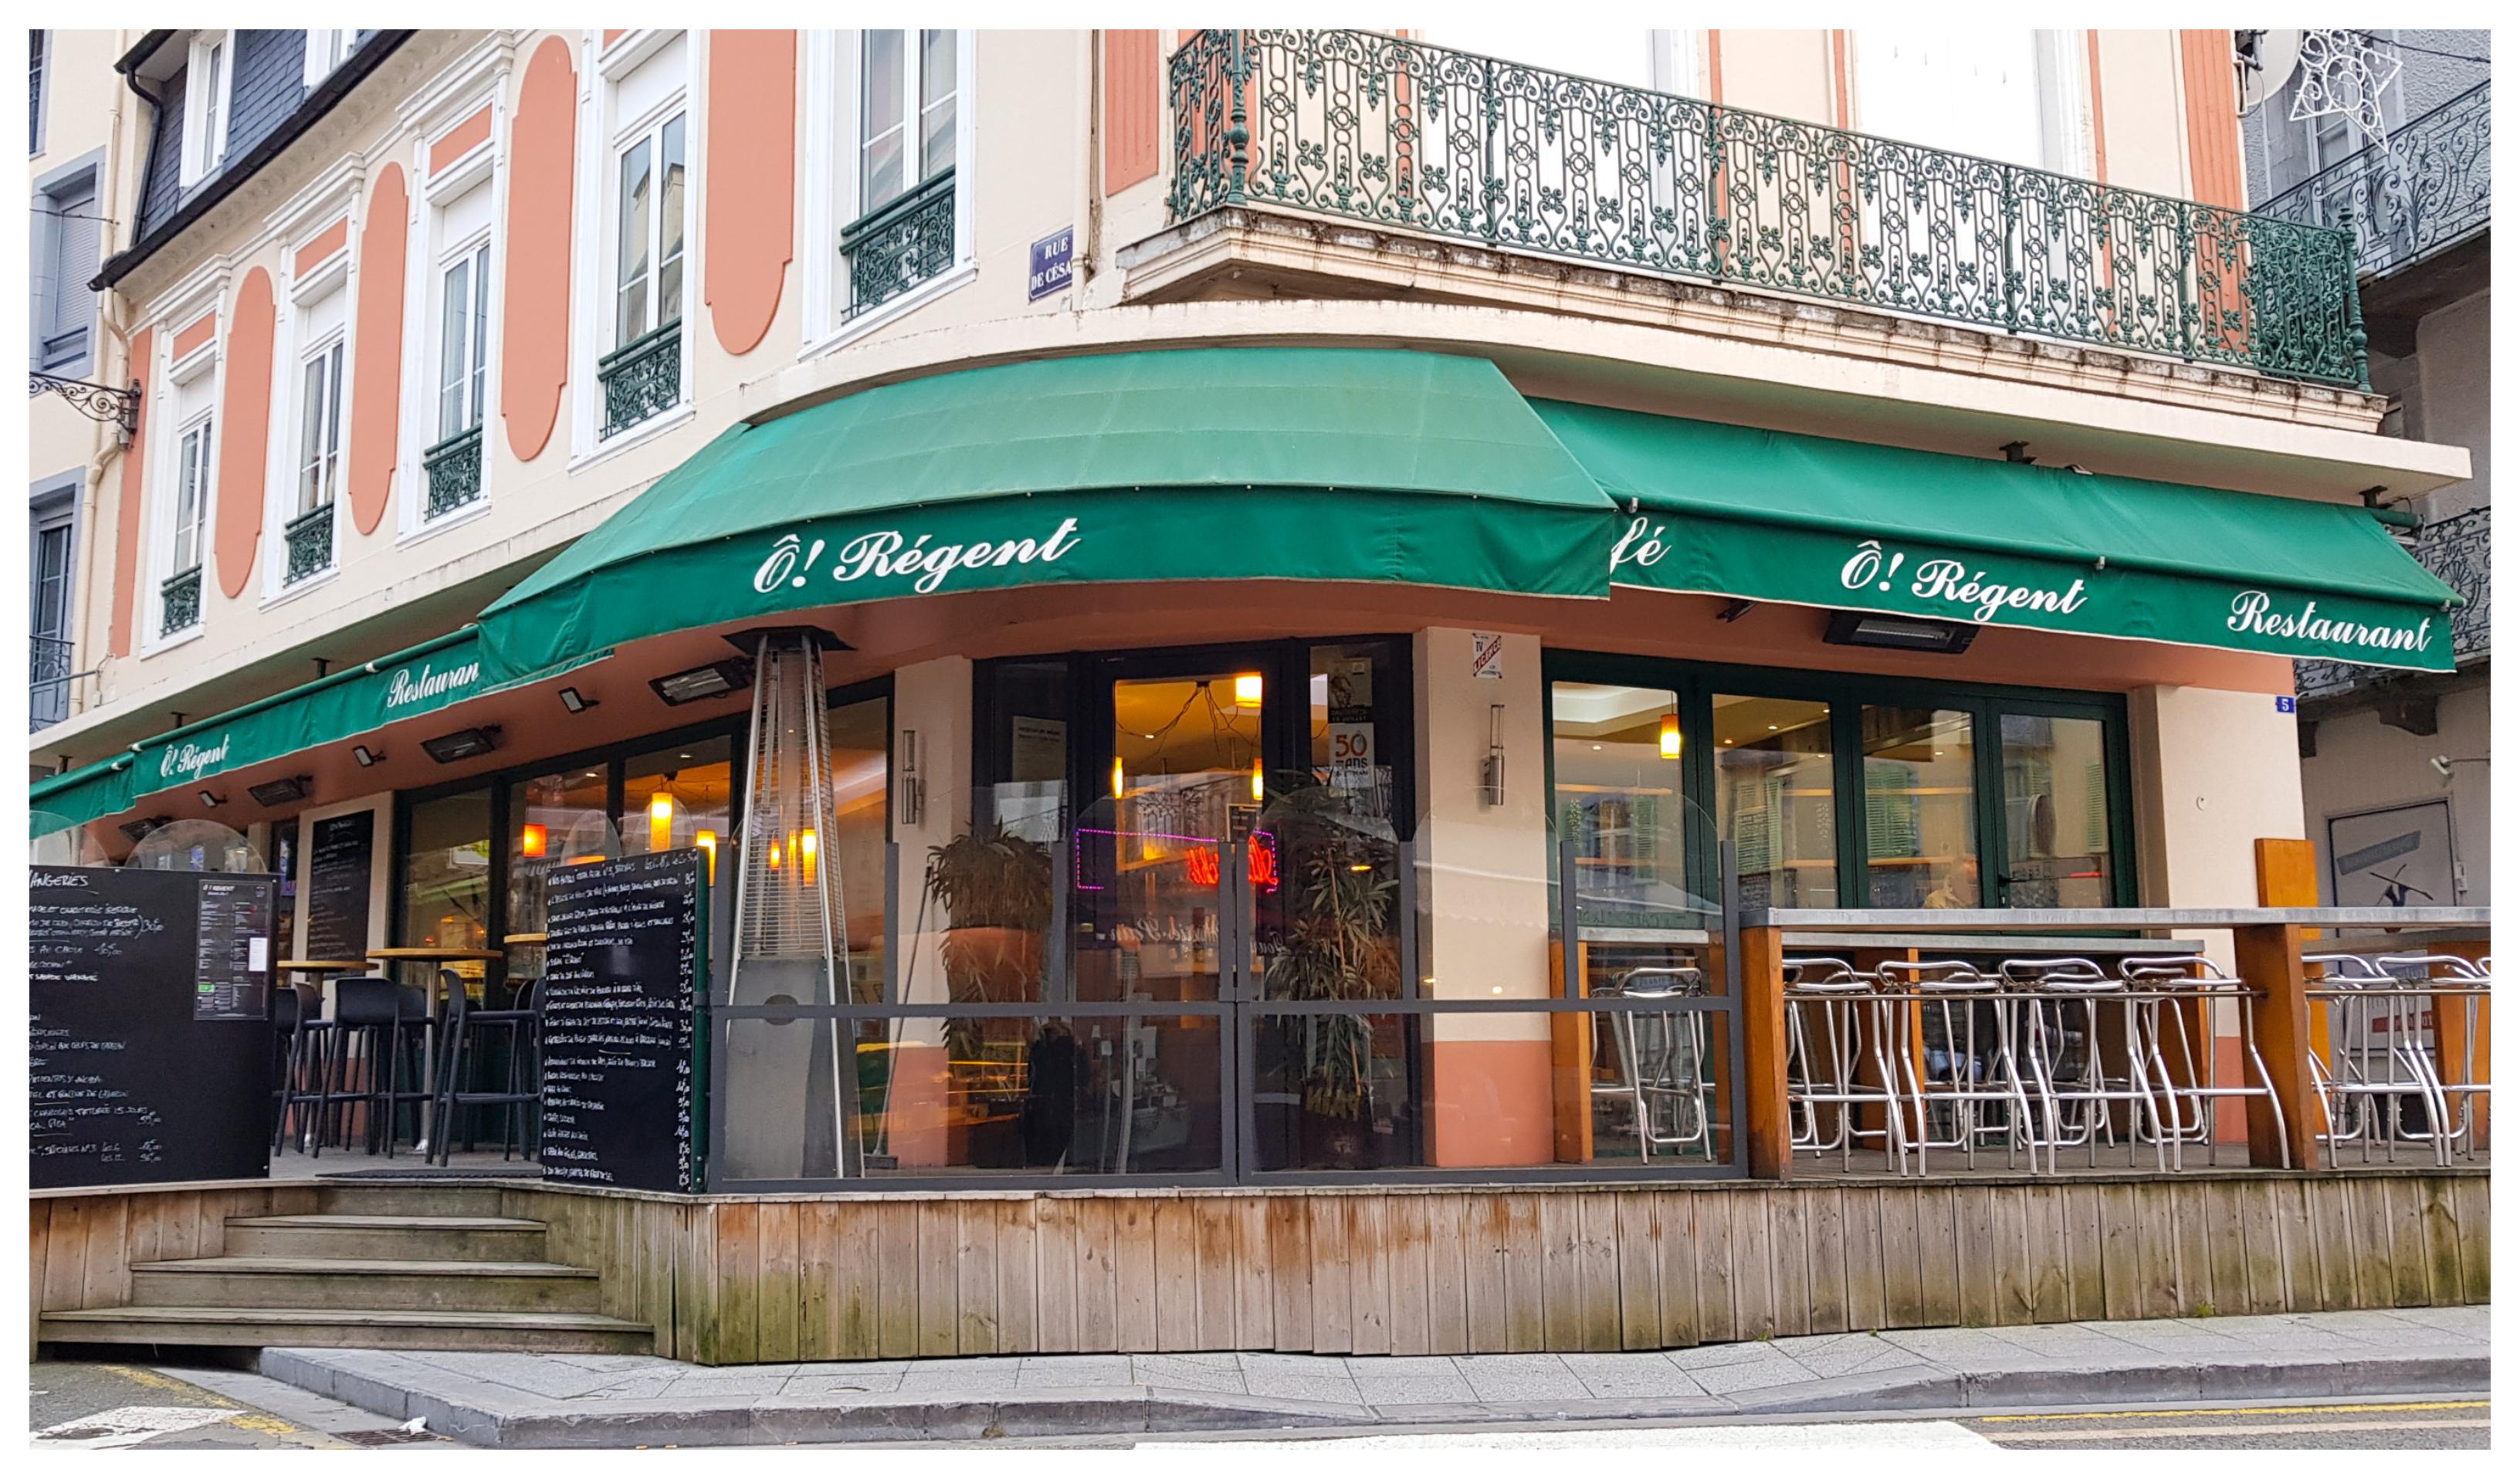 cauterets-pyrénées-restaurant-o-régent-avis-blog-bordeaux